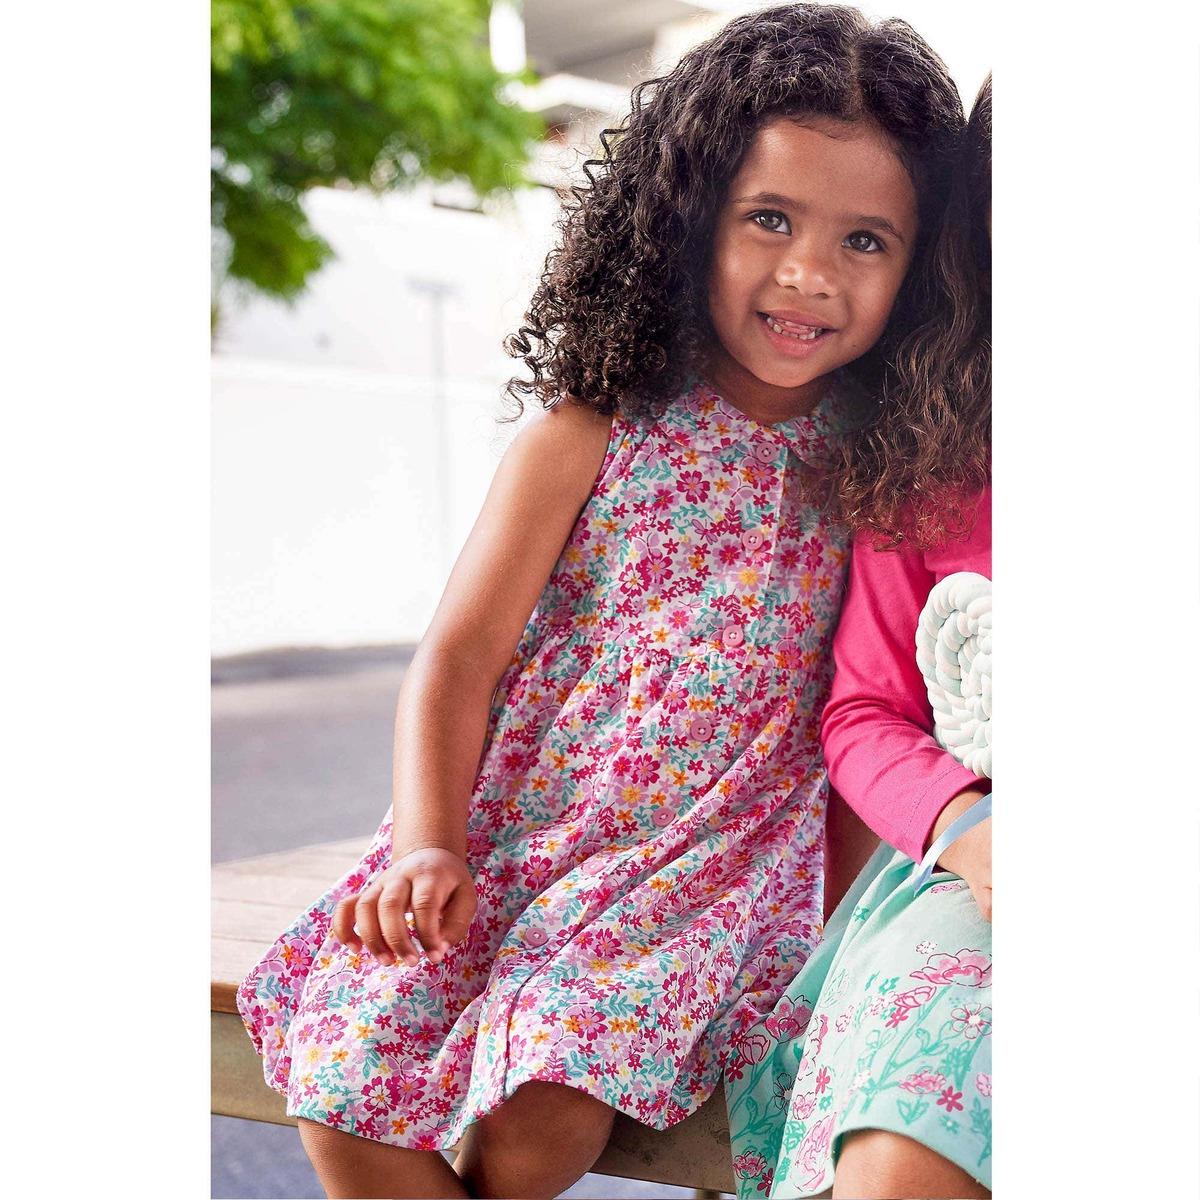 Bild 3 von Baby-Mädchen-Kleid mit farbenfrohem Blumenmuster